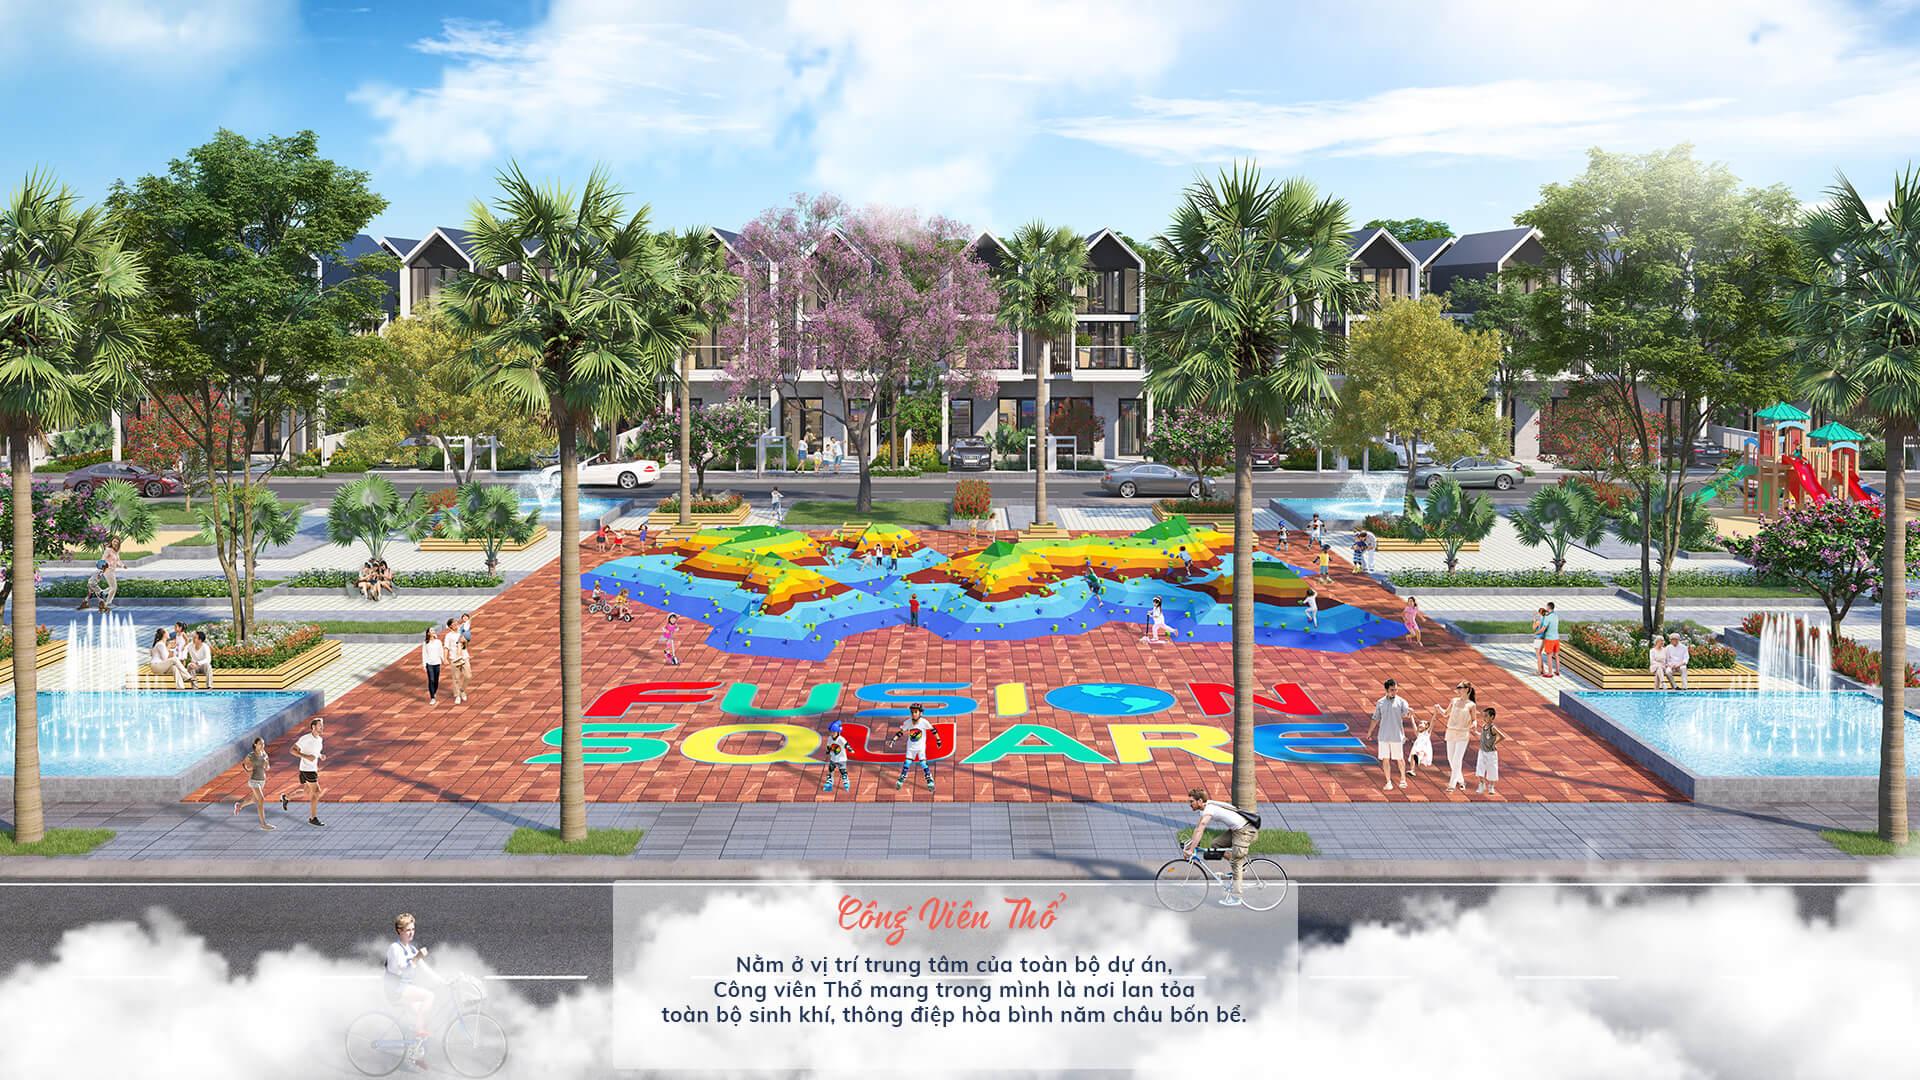 công viên thổ dự án the fusion châu đức